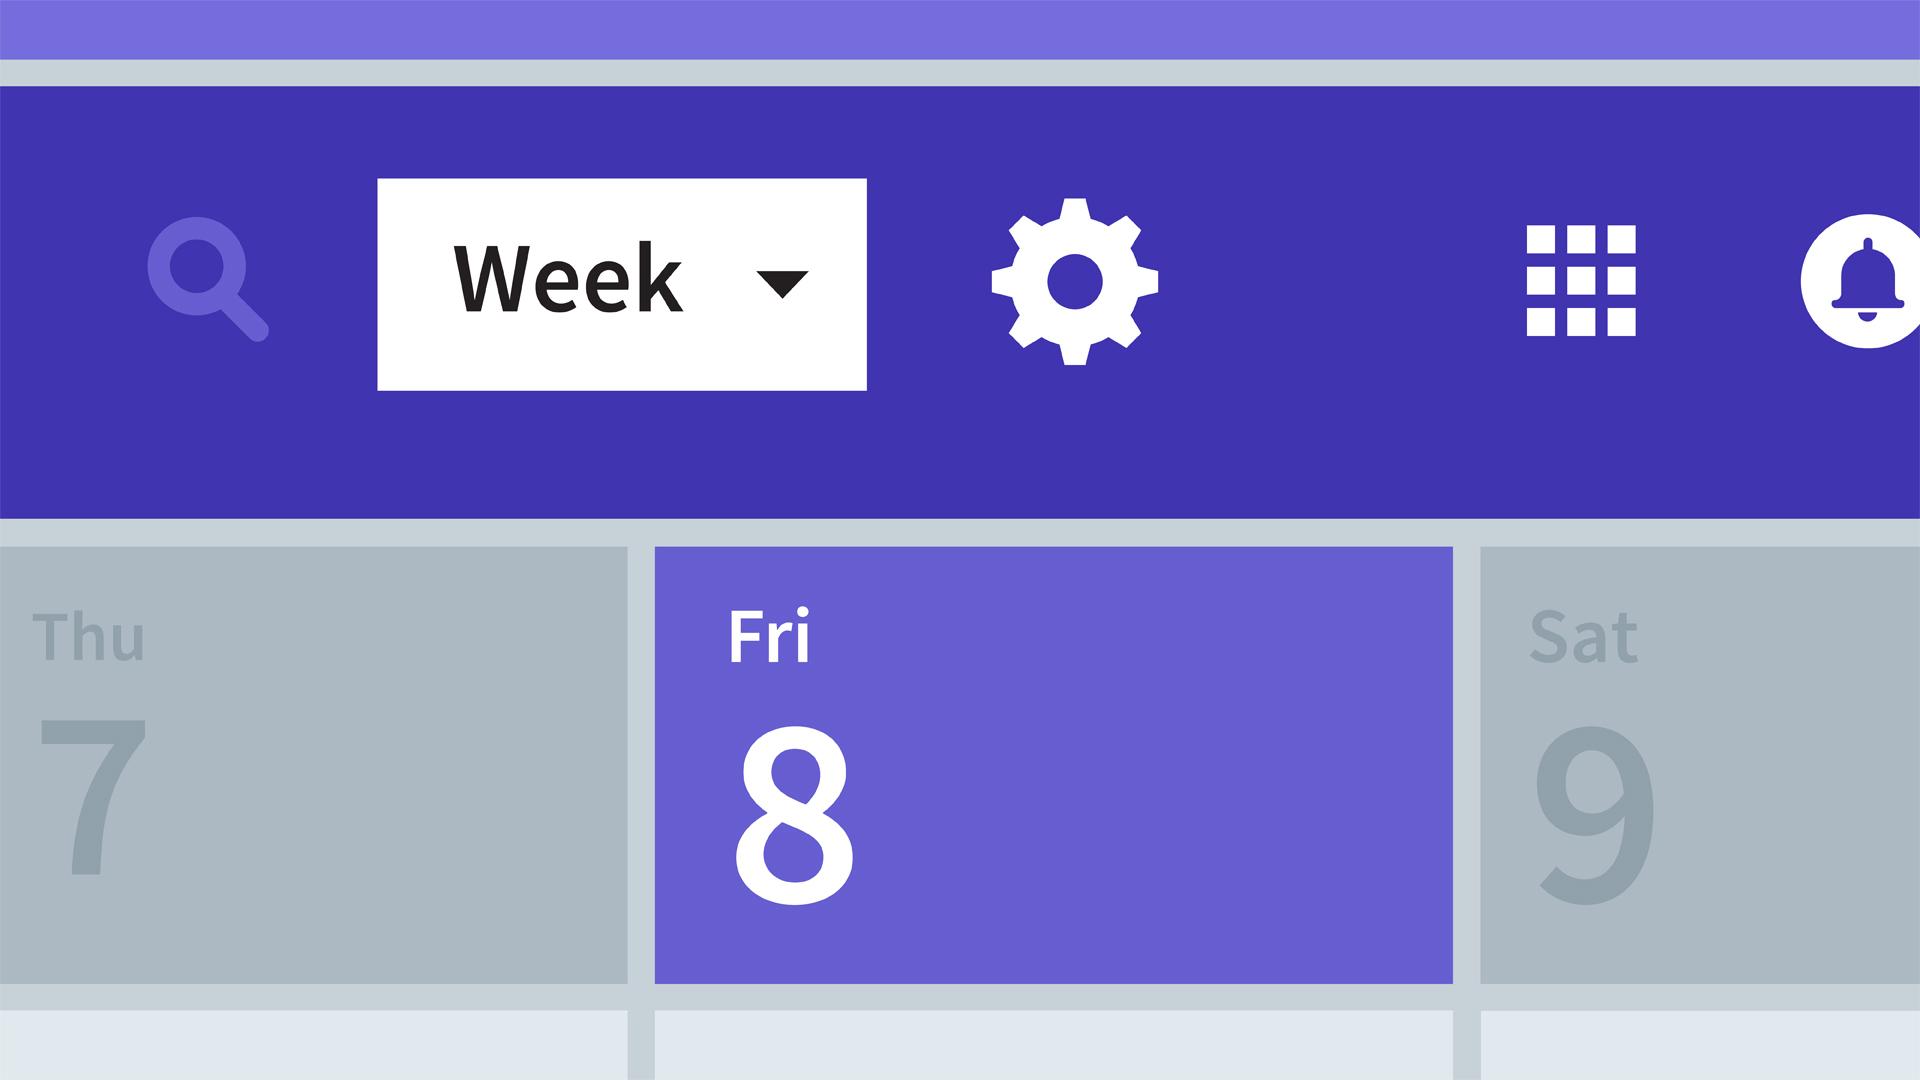 Gogle Calendar.Google Calendar Essential Training